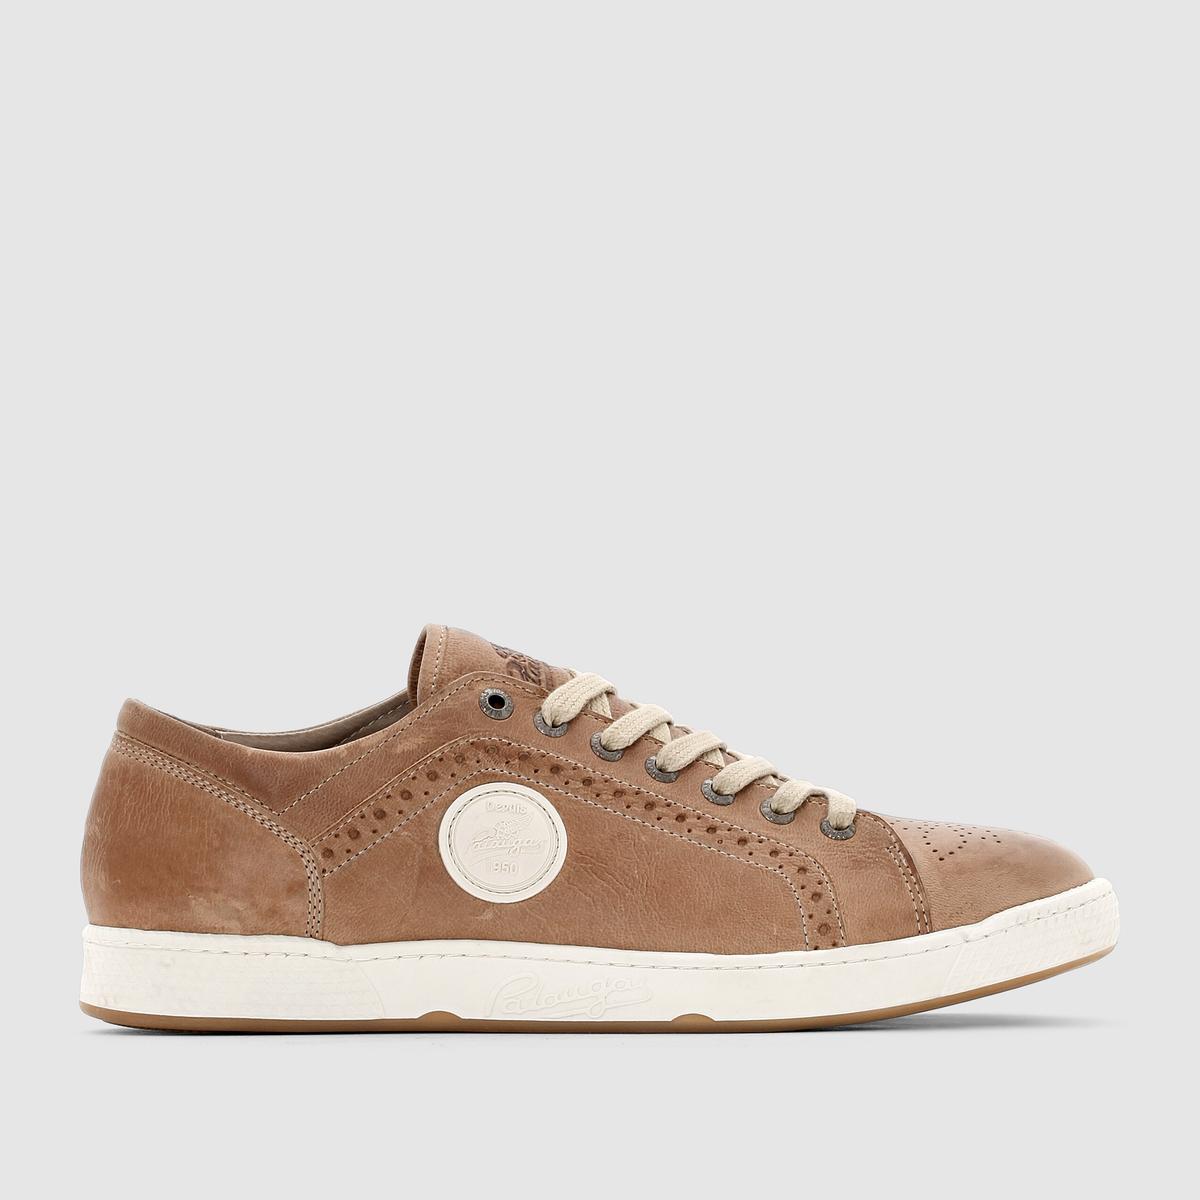 Кеды низкие JOKIN/C - PATAUGASЗастежка: на шнуровке.Преимущества: простота и стиль кожаных кед от Pataugas.<br><br>Цвет: серо-коричневый<br>Размер: 43